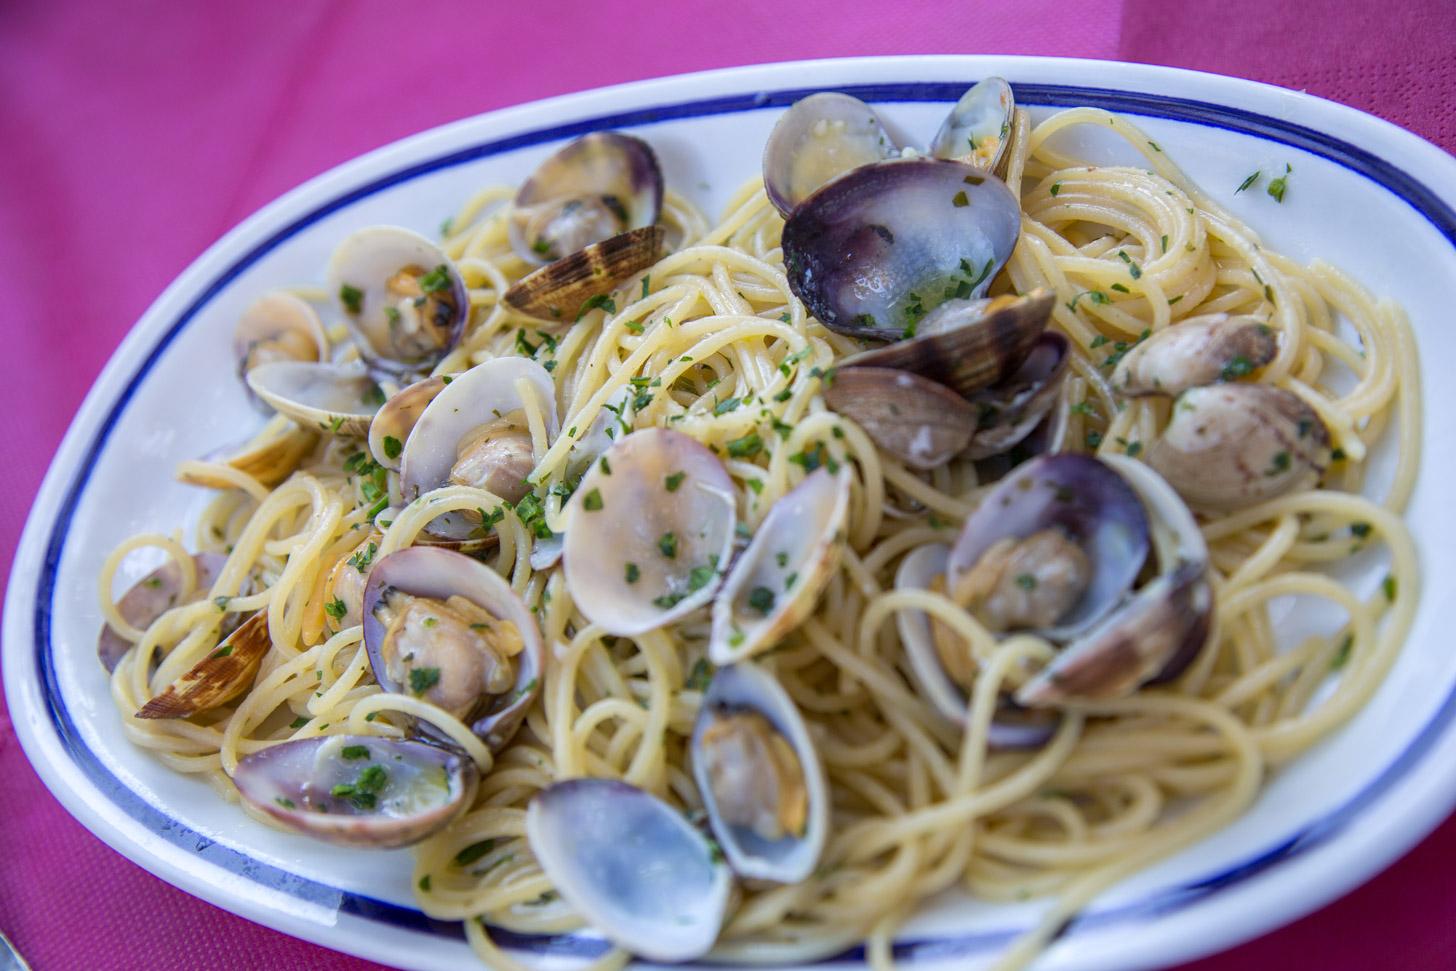 Natuurlijk kun je in Venetië ook heerlijke pastagerechten eten